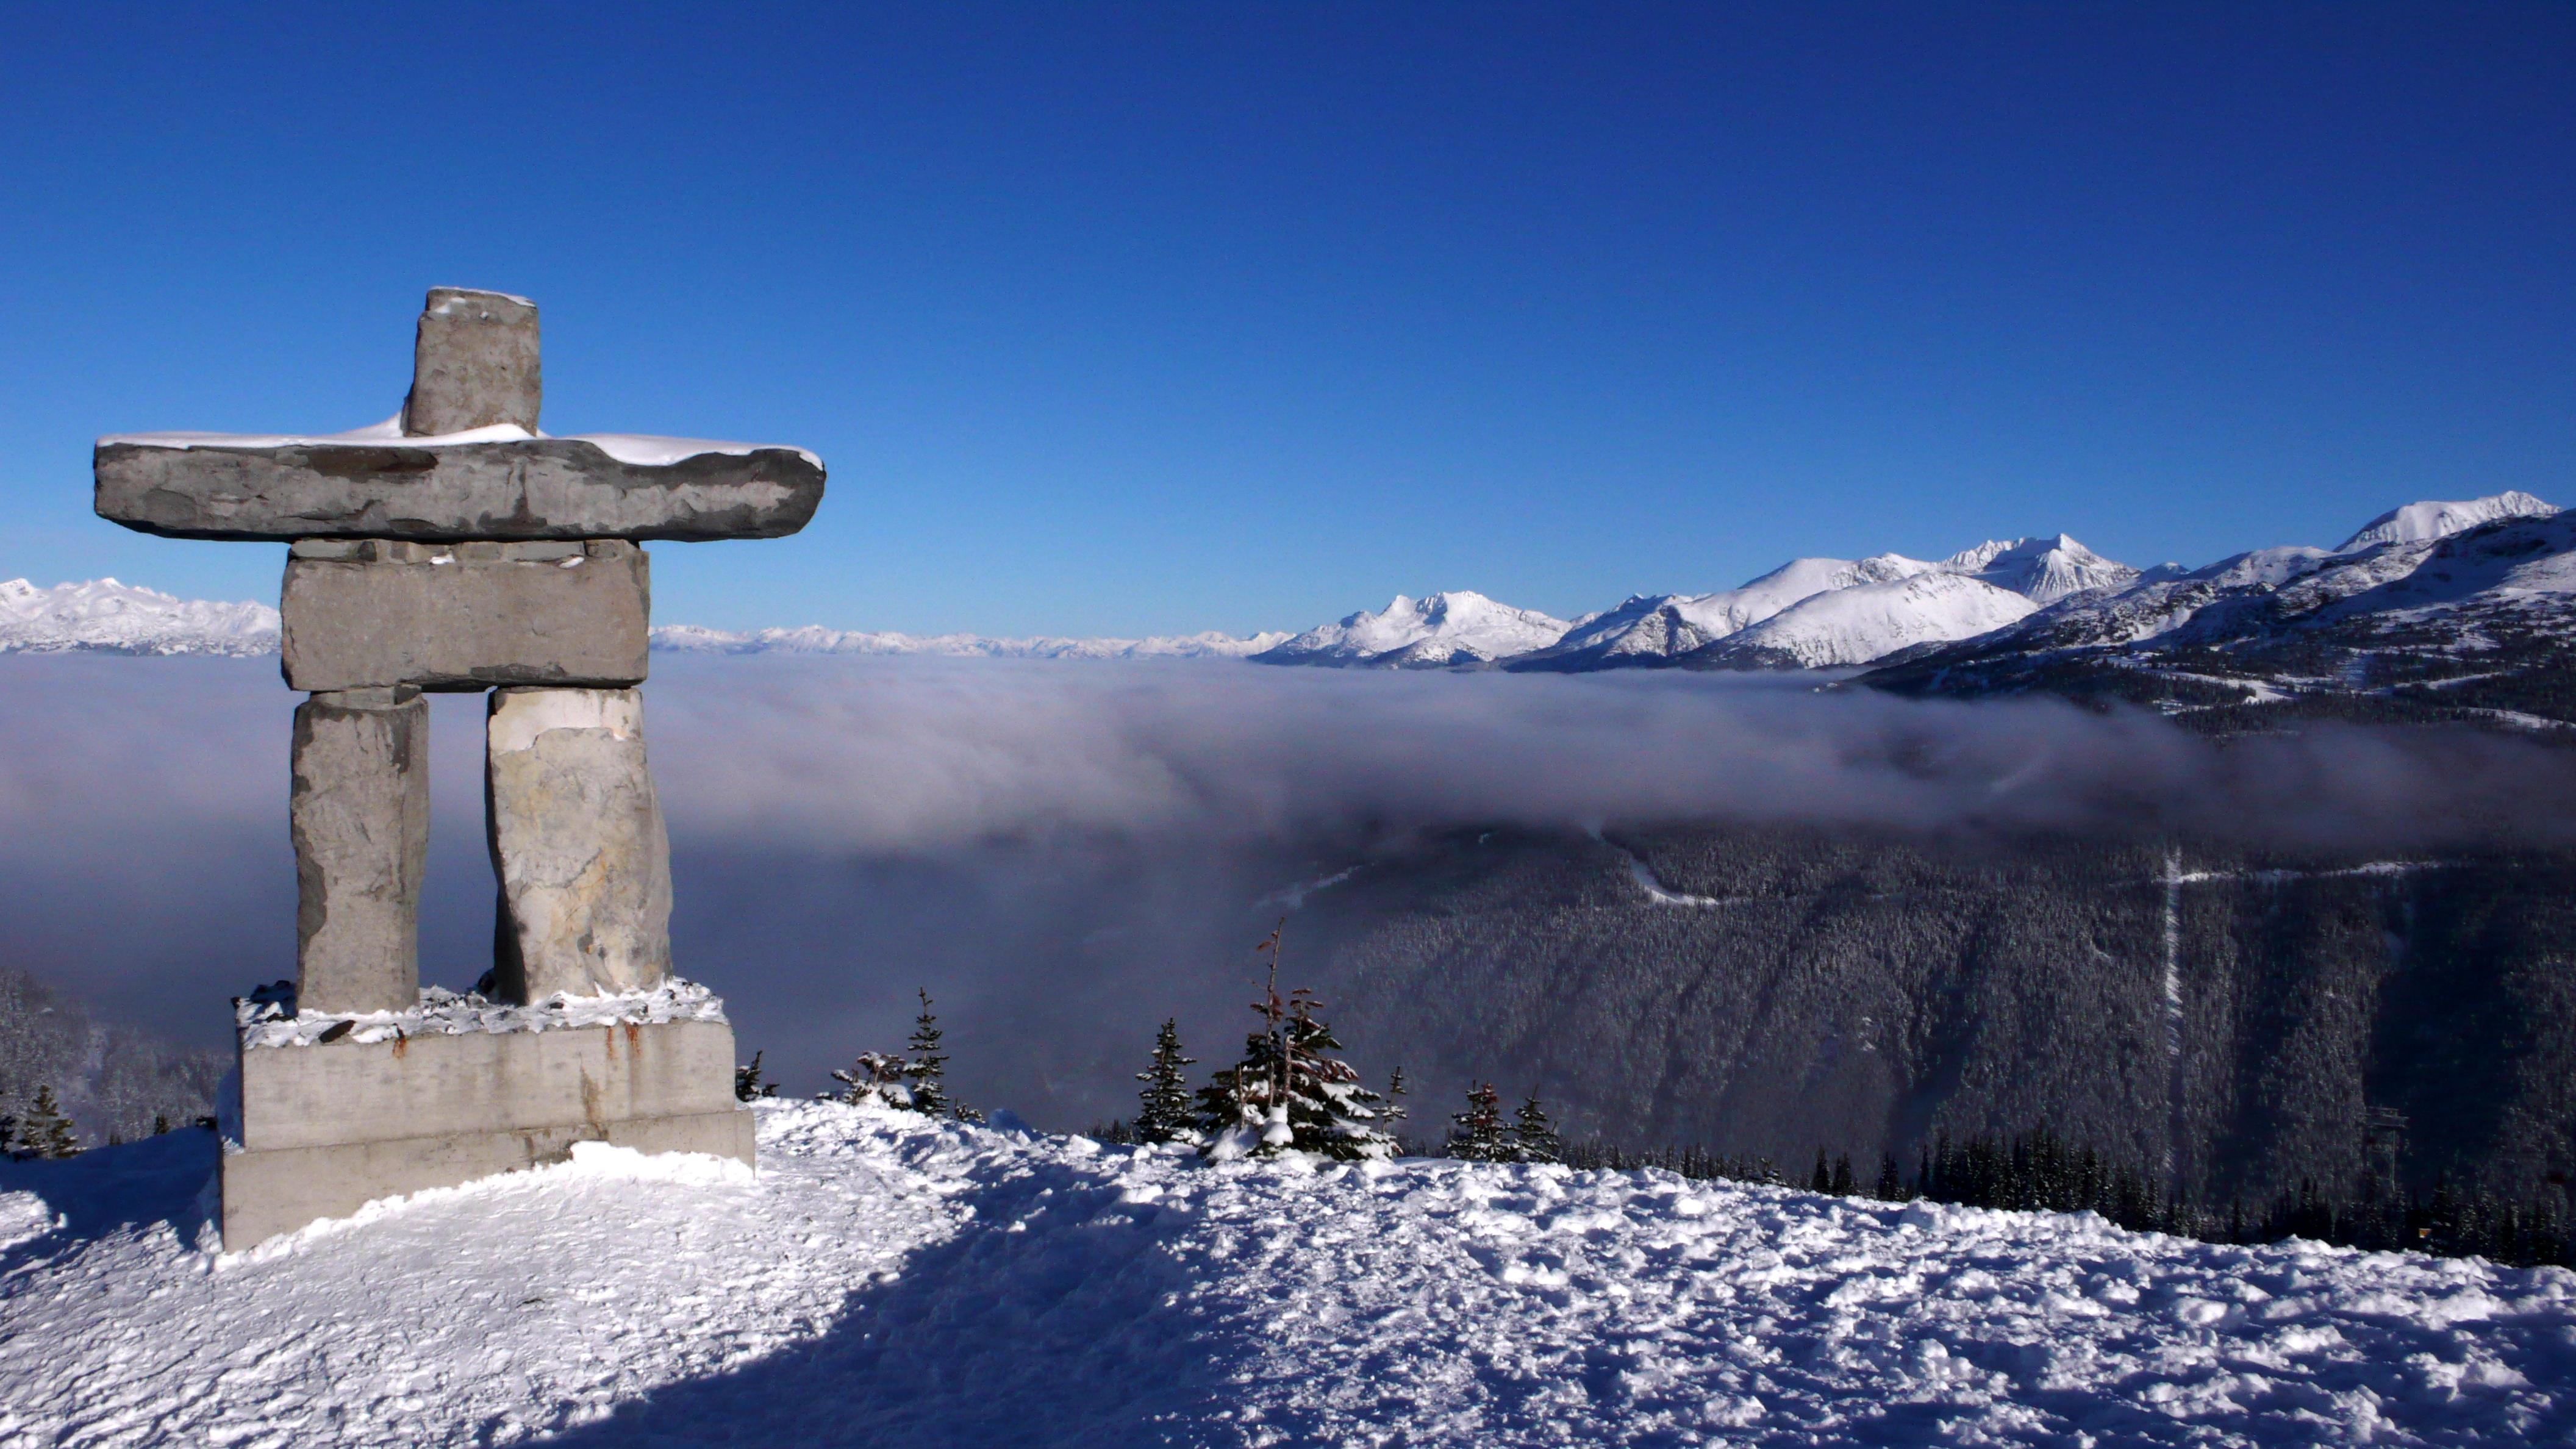 http://upload.wikimedia.org/wikipedia/commons/5/59/Whistler_Peaks_Inukshuk_(2).jpg